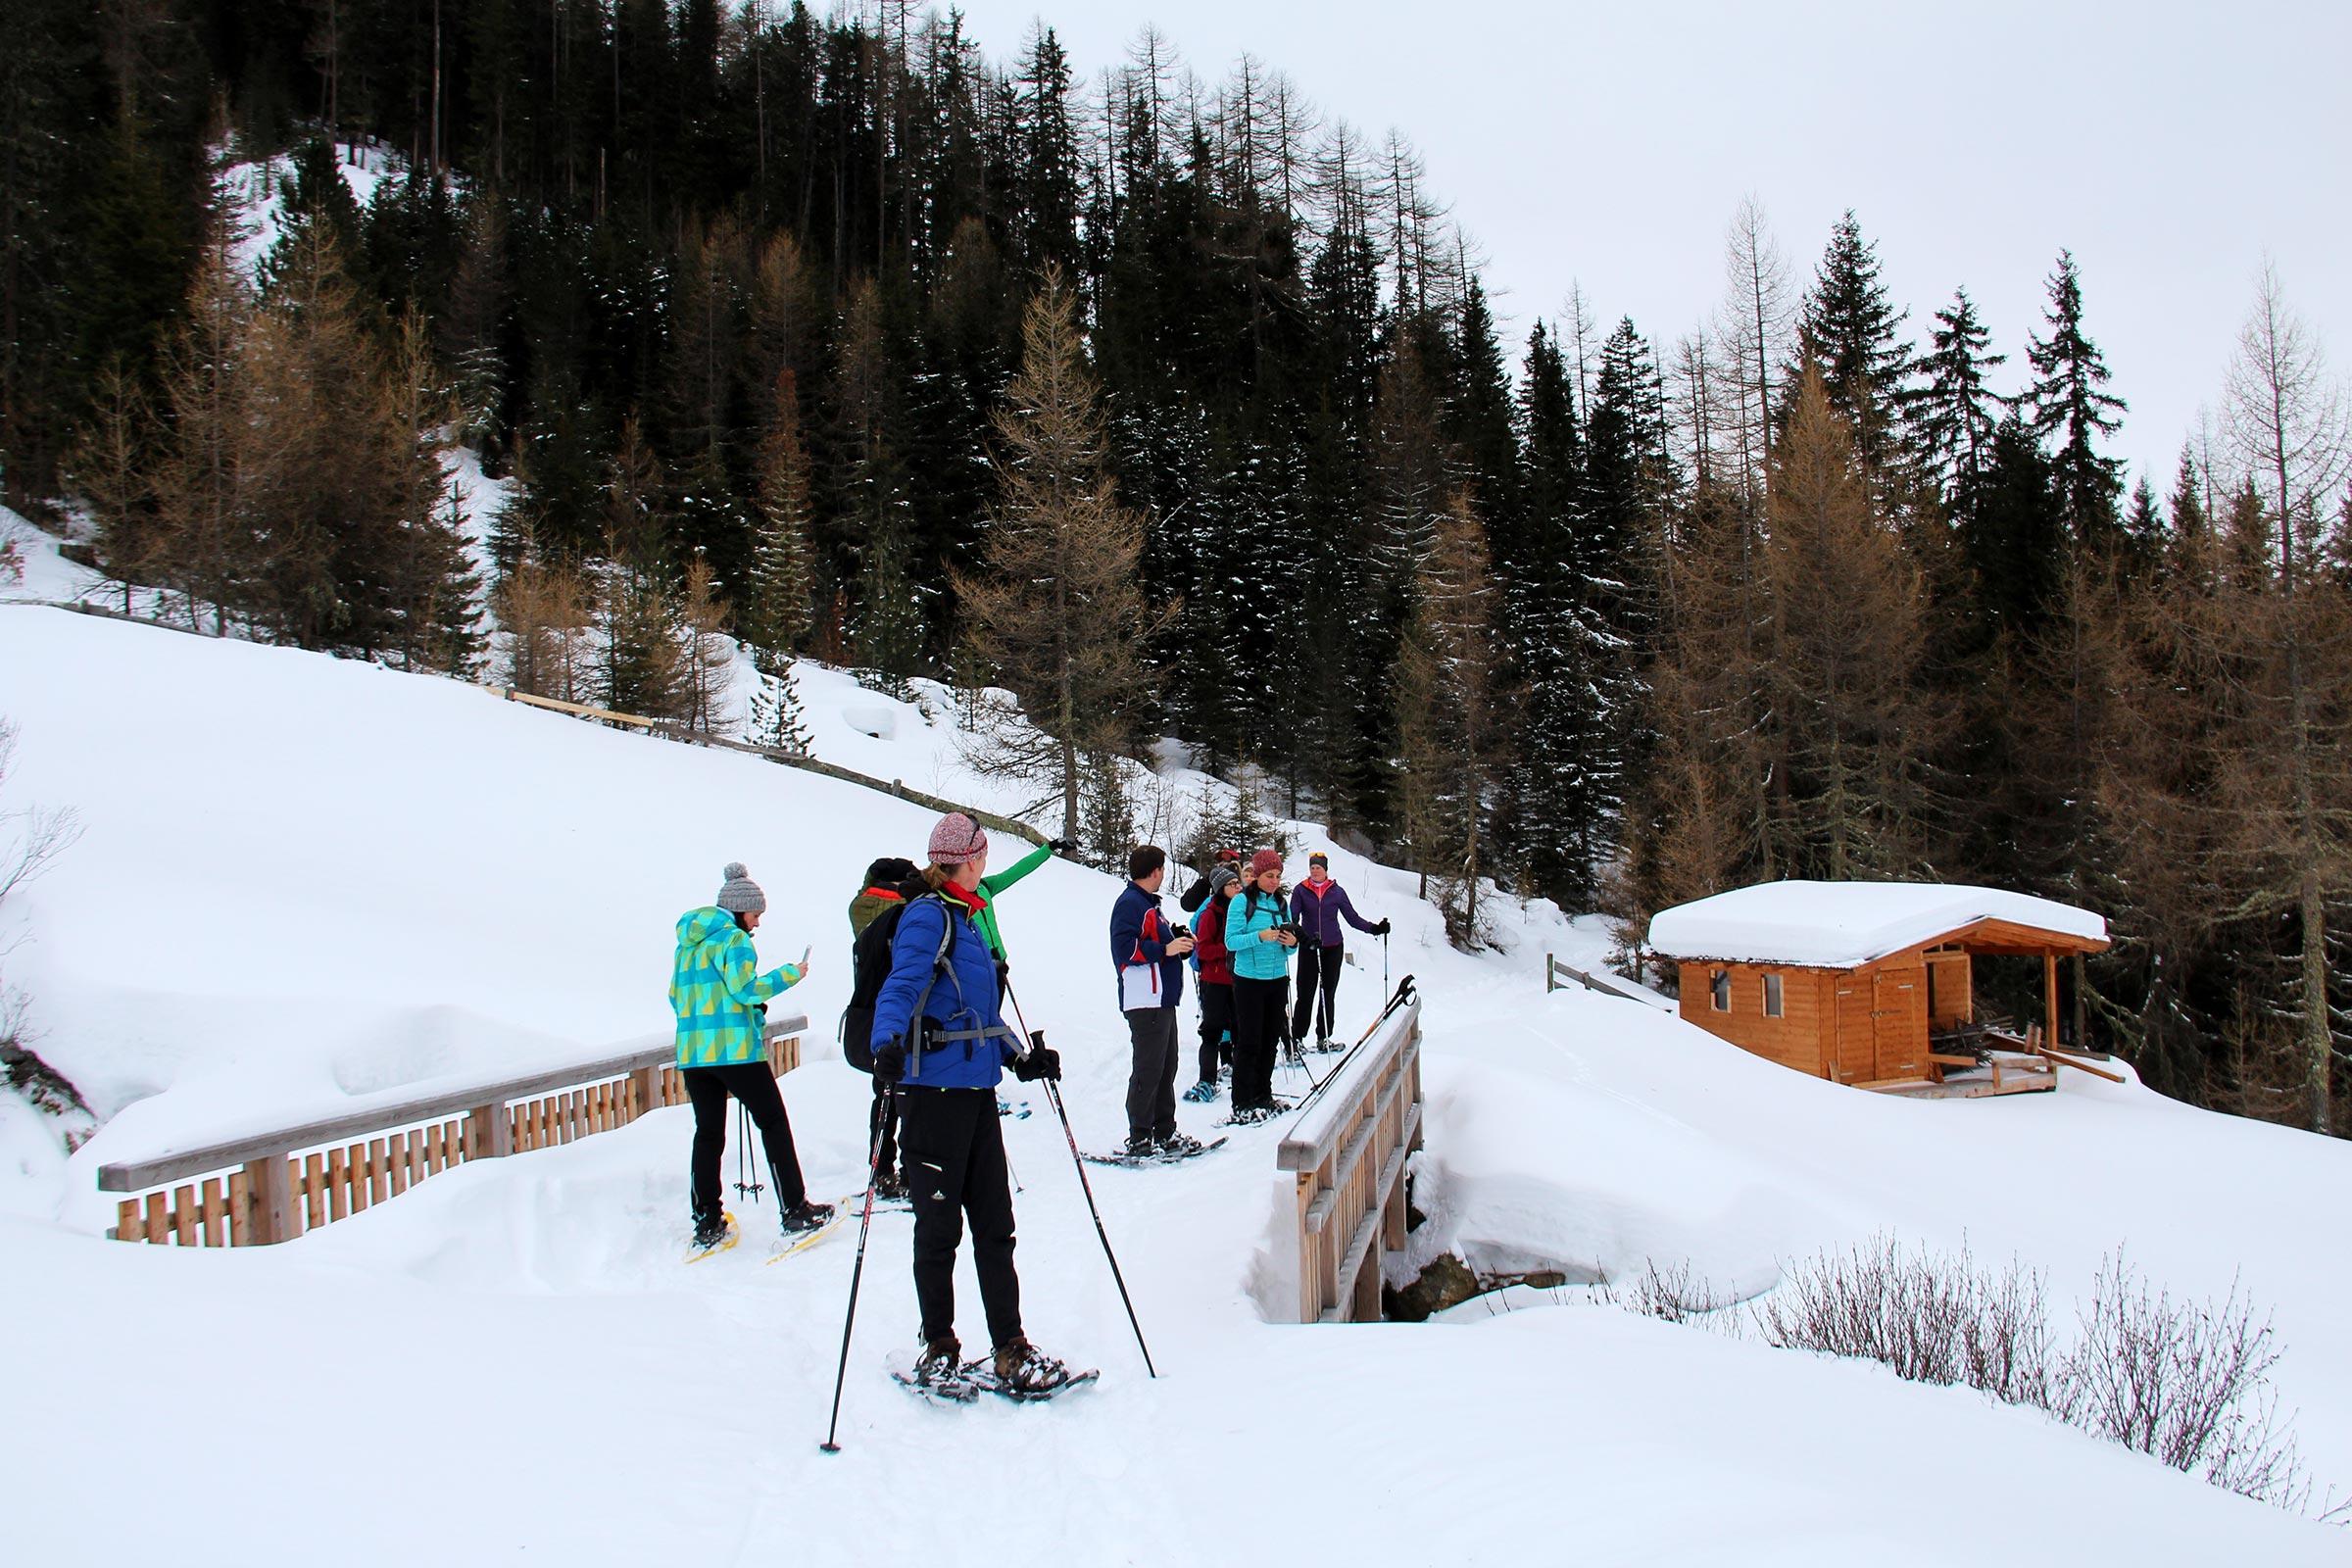 Schneeschuhwandern in Niederthai - Niederthai Card